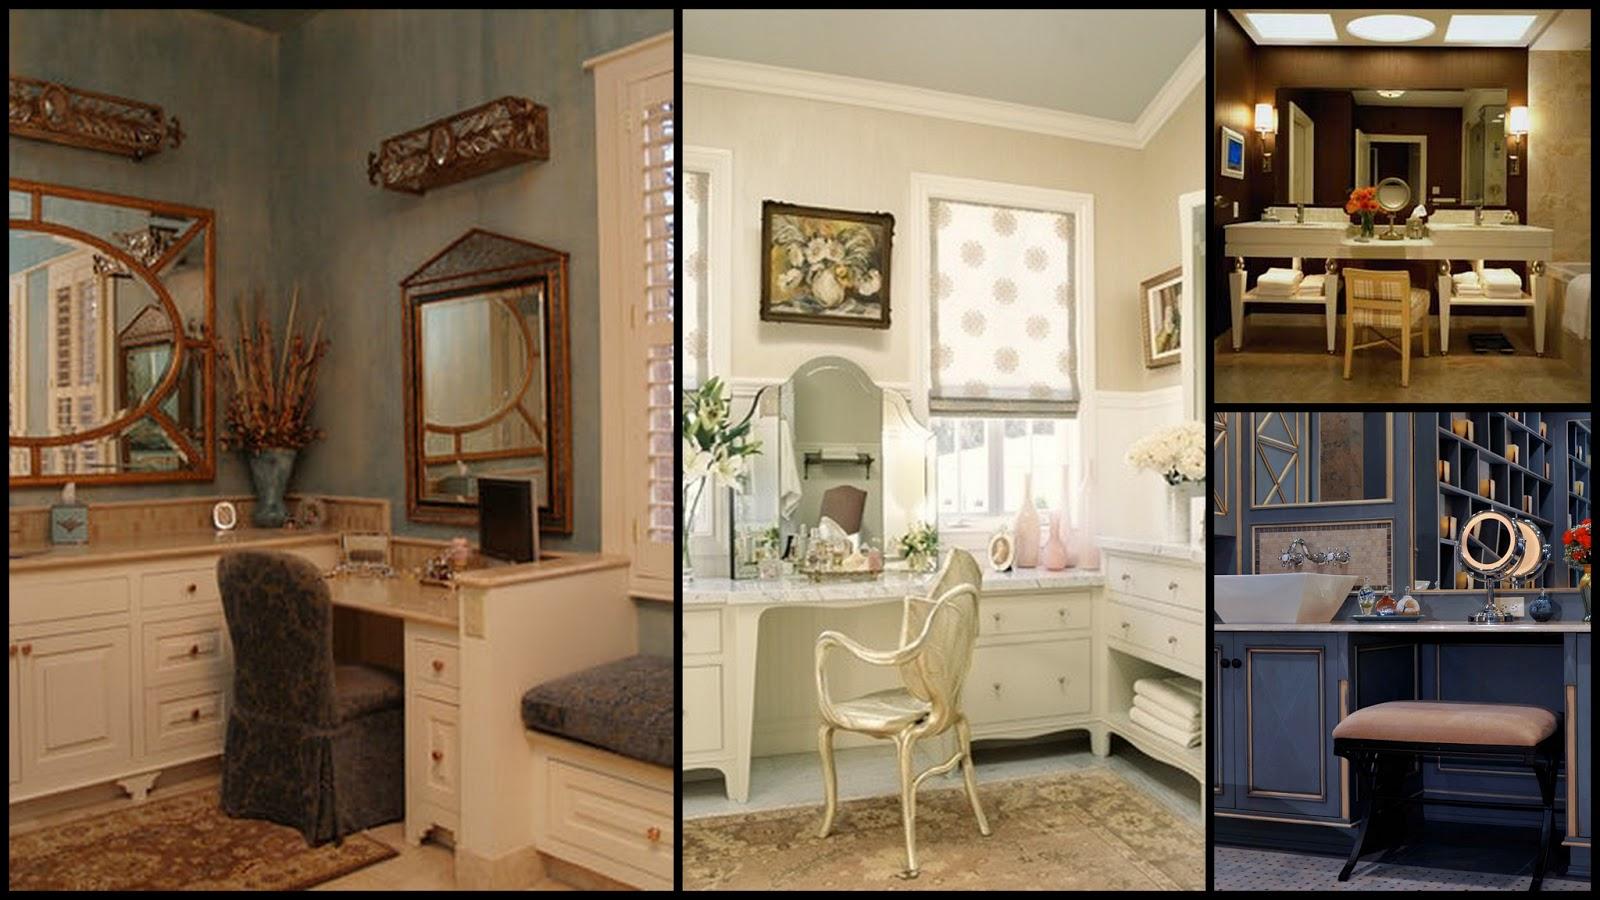 Salle de bain avec coiffeuse perfect salle de bain avec - Coiffeuse salle de bain ...